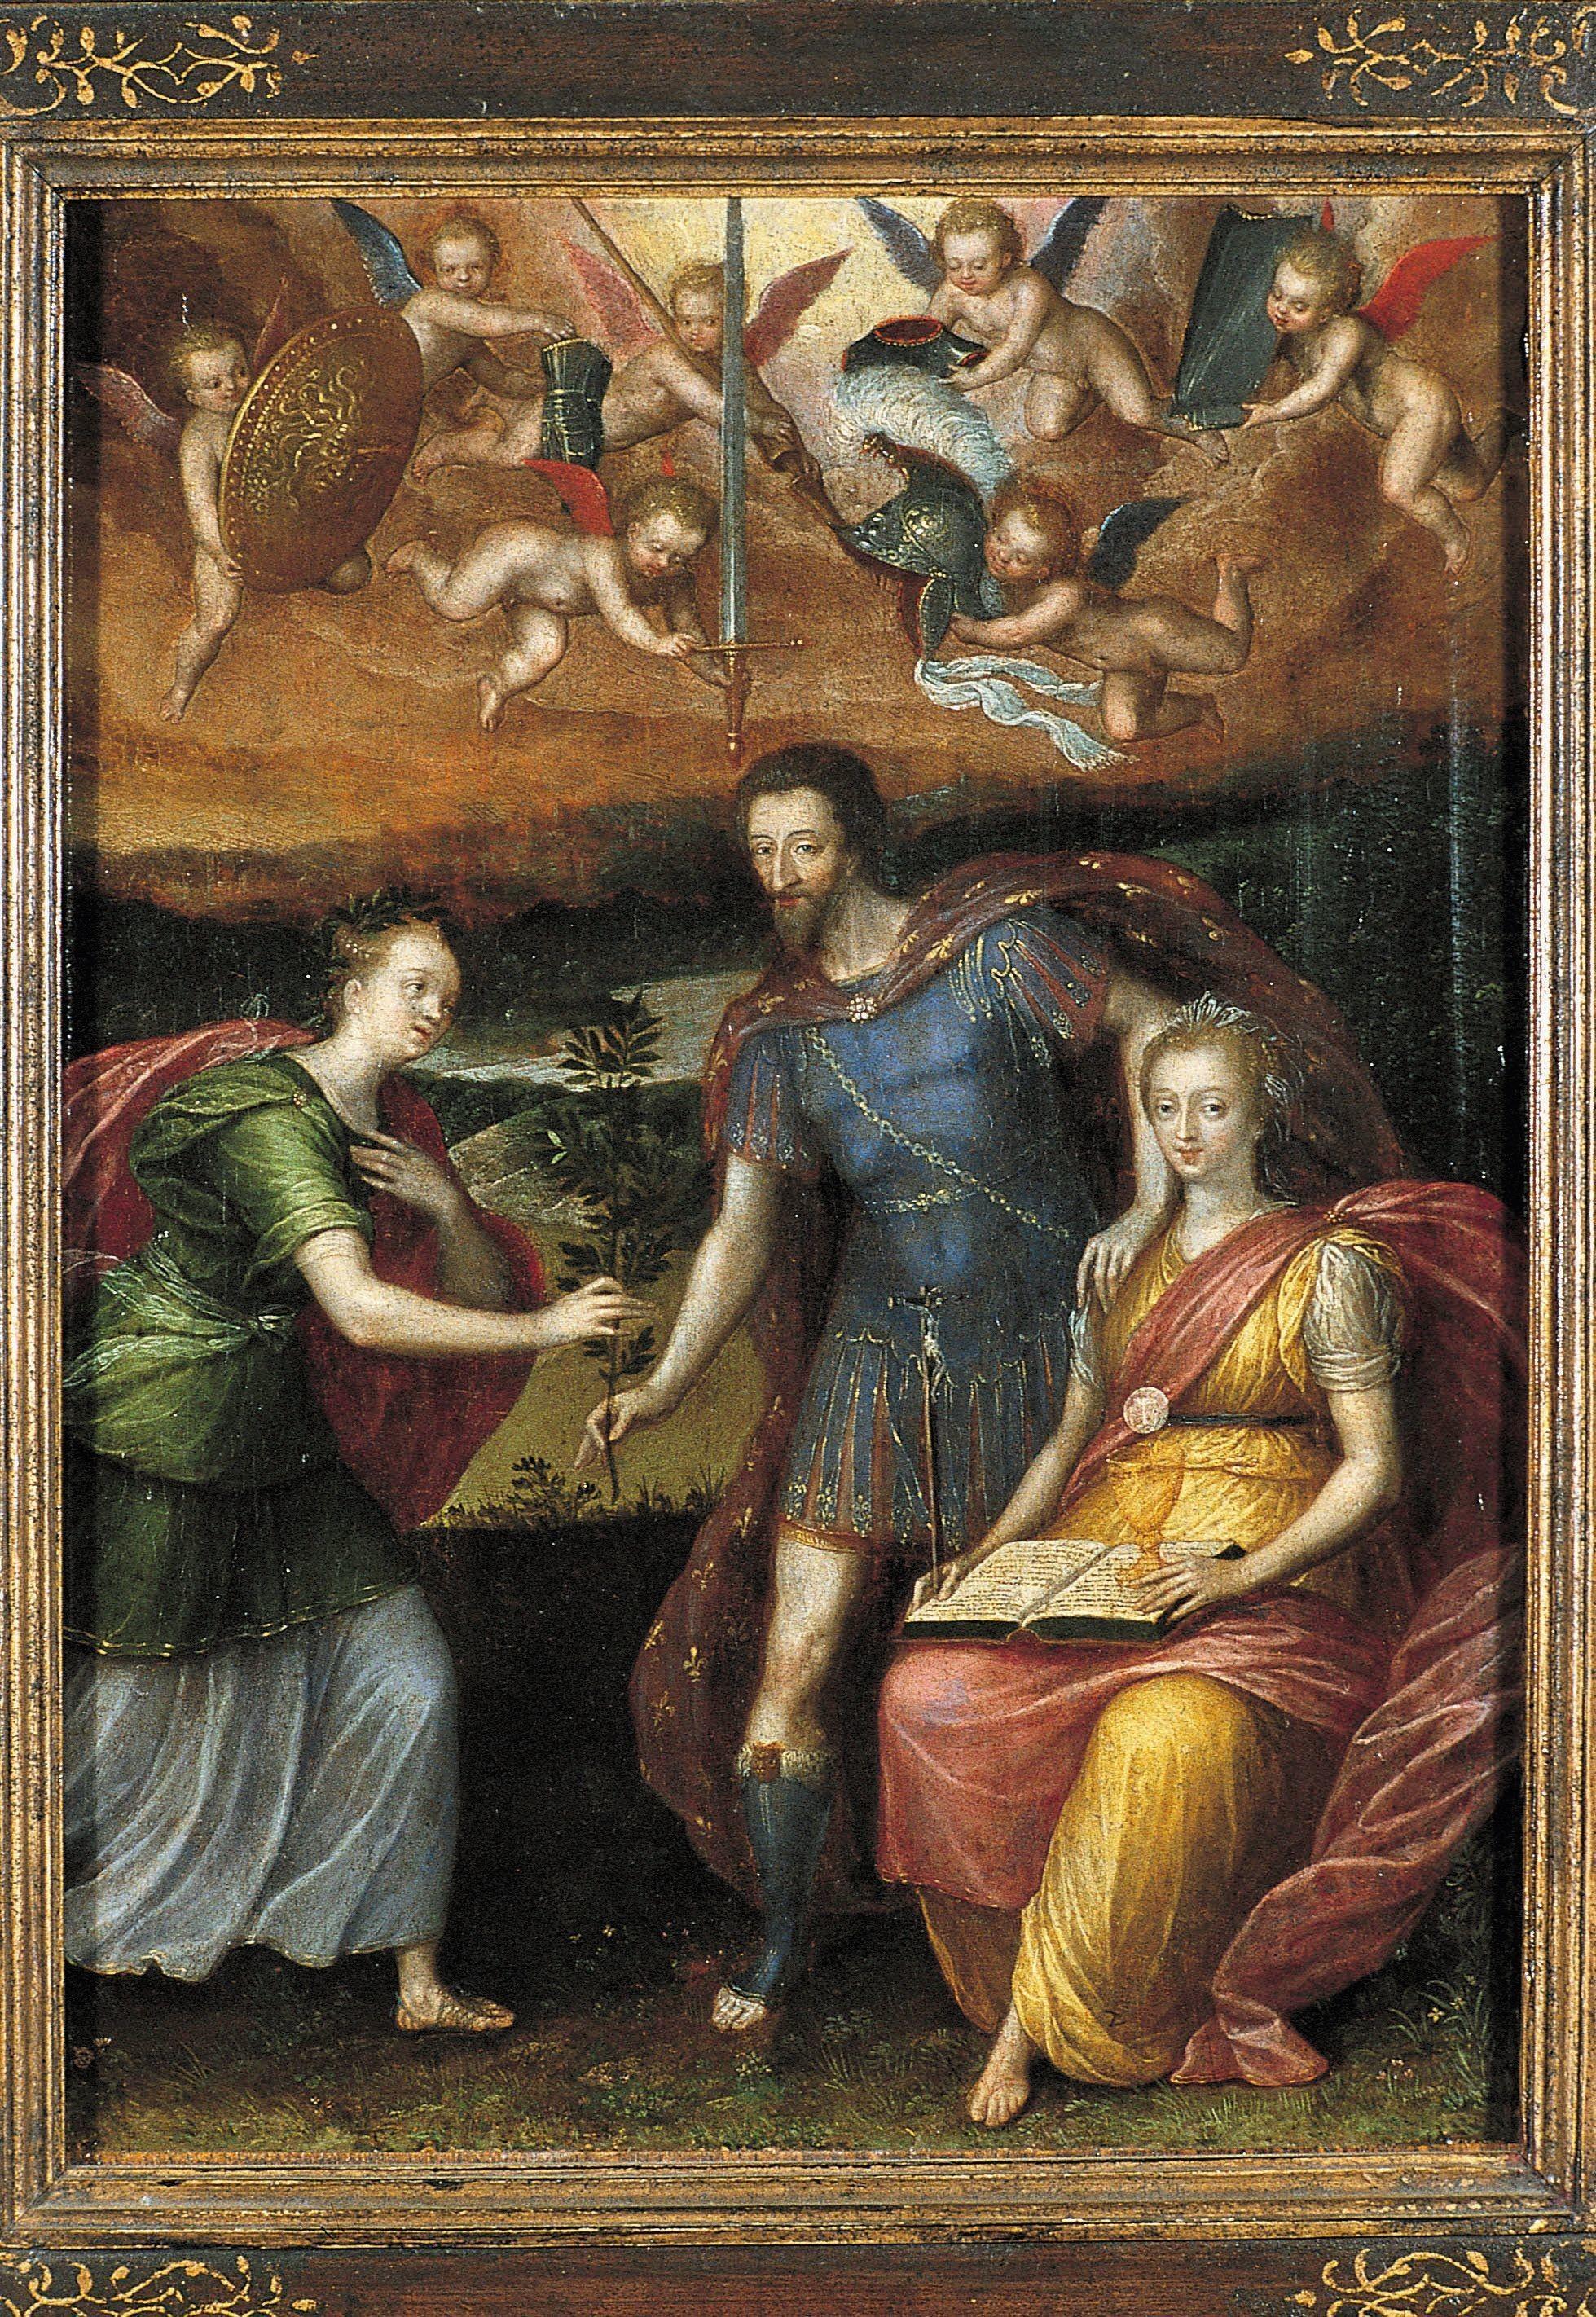 Anonyme, Henri IV s'appuyant sur la religion pour donner la paix à la France, fin XVIe siècle, huile sur toile, 33 x 25,5 cm, musée national du château de Pau